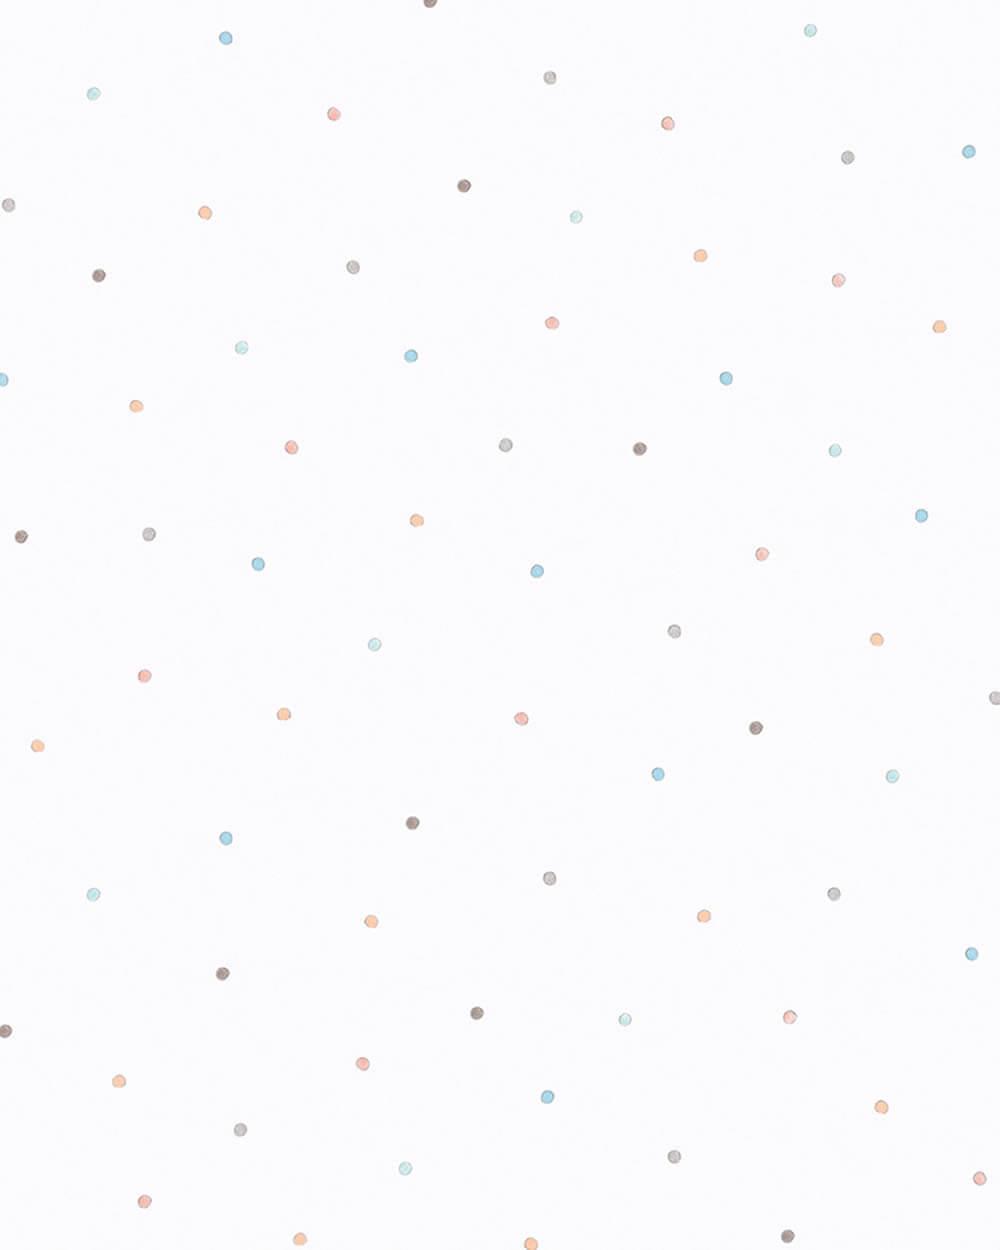 Гифки падает снег на прозрачном фоне